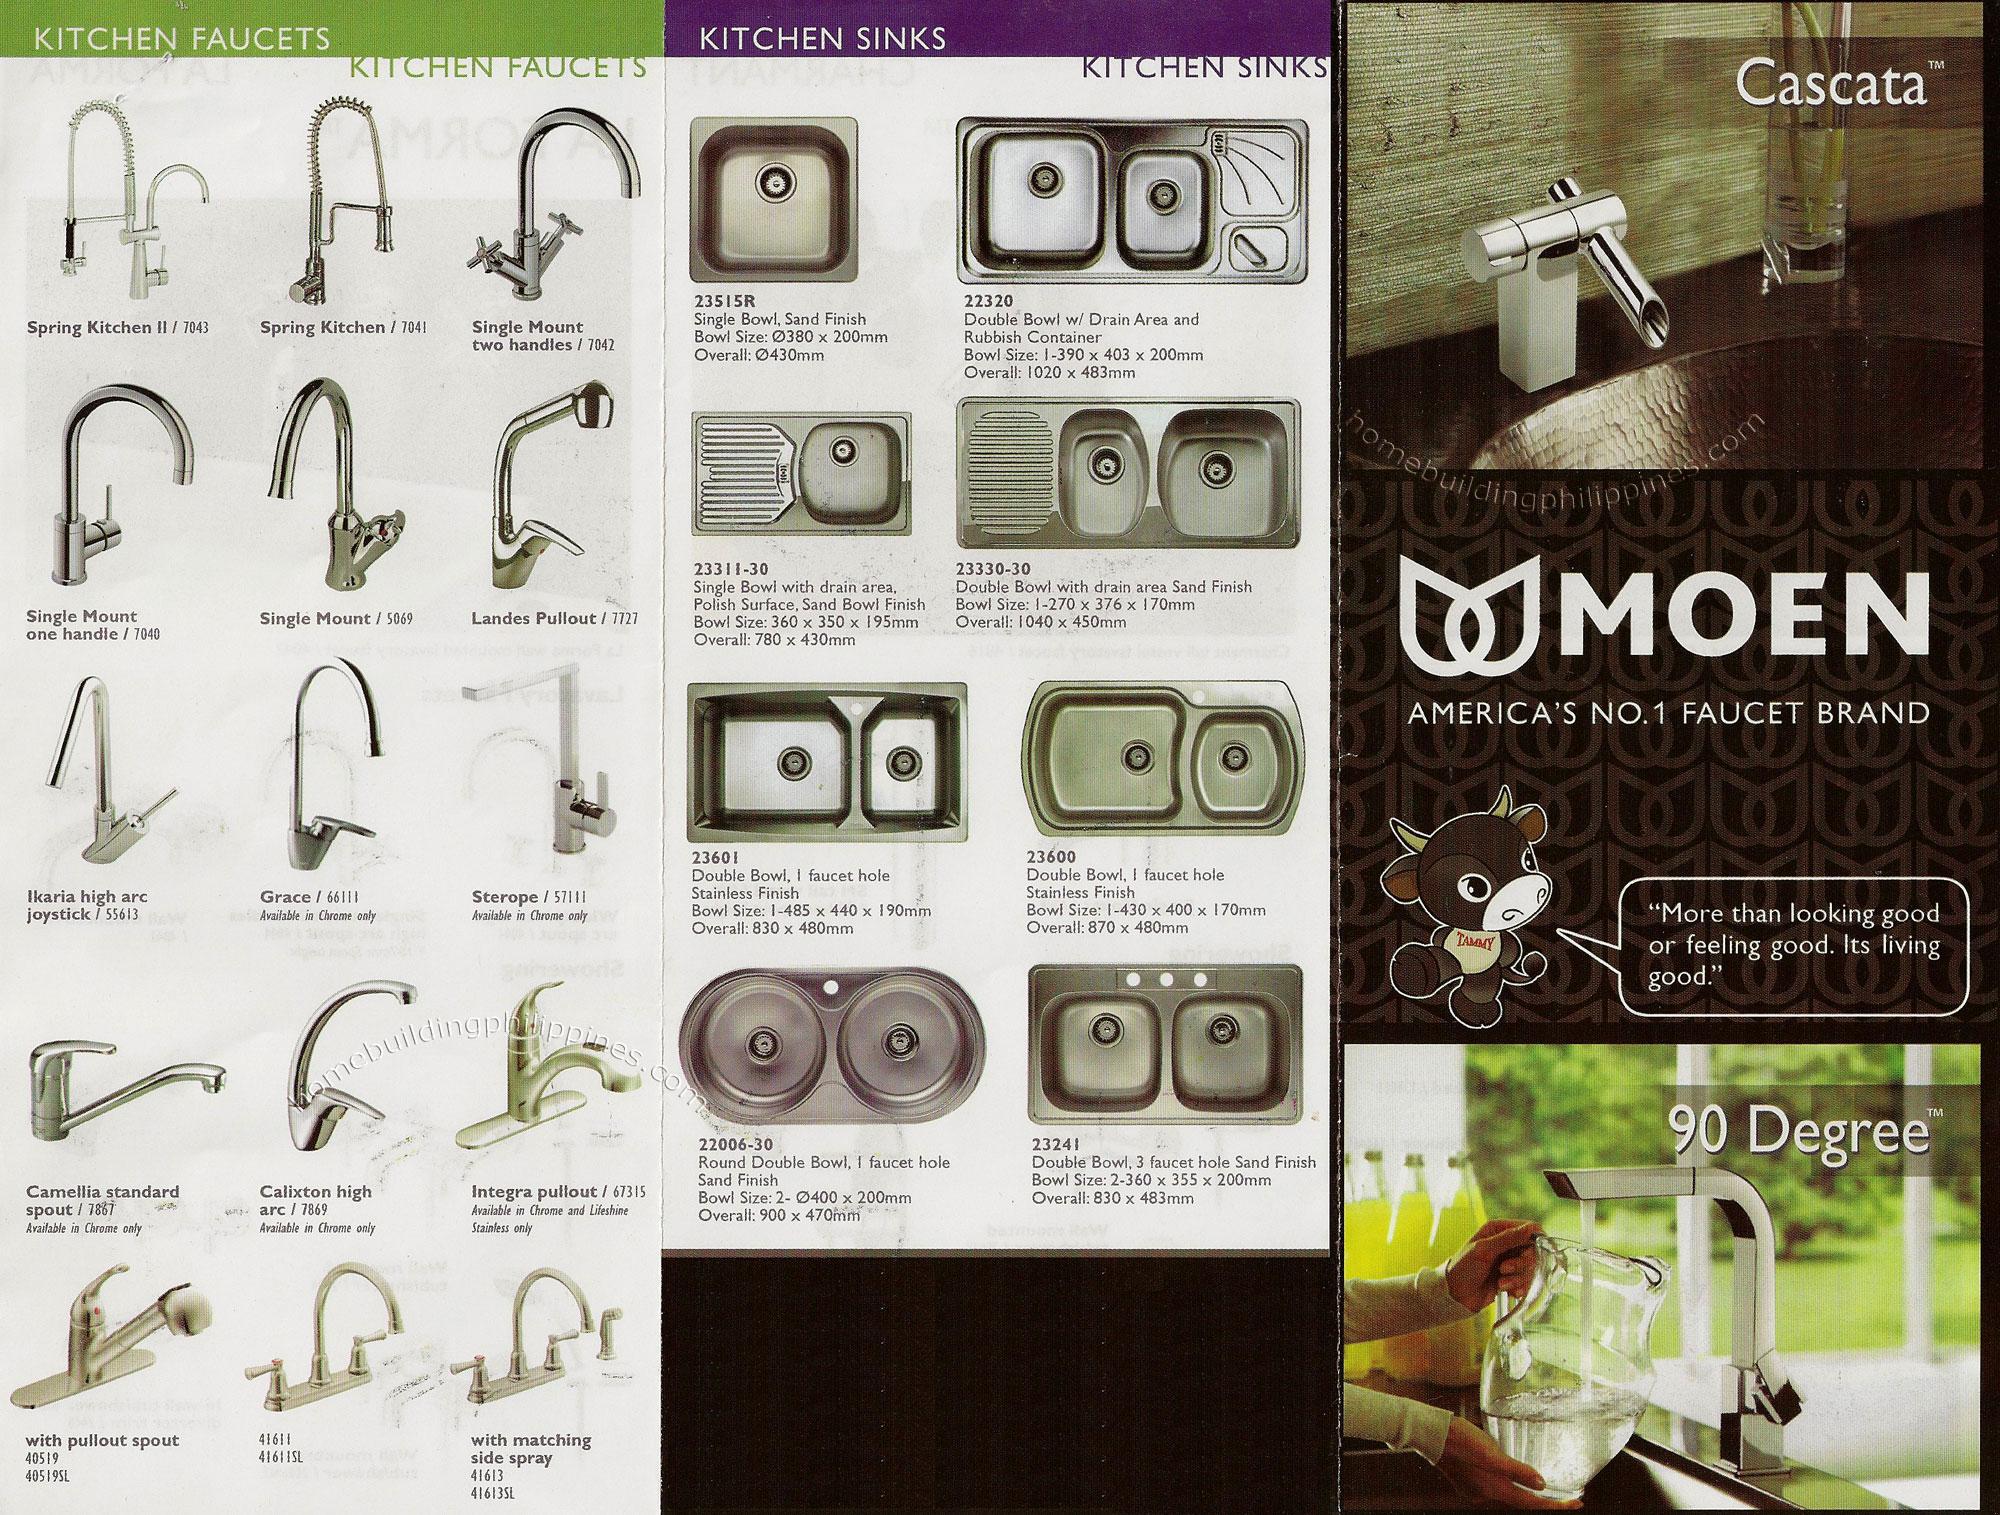 tamsons moen kitchen faucet Moen Kitchen Faucets Sinks